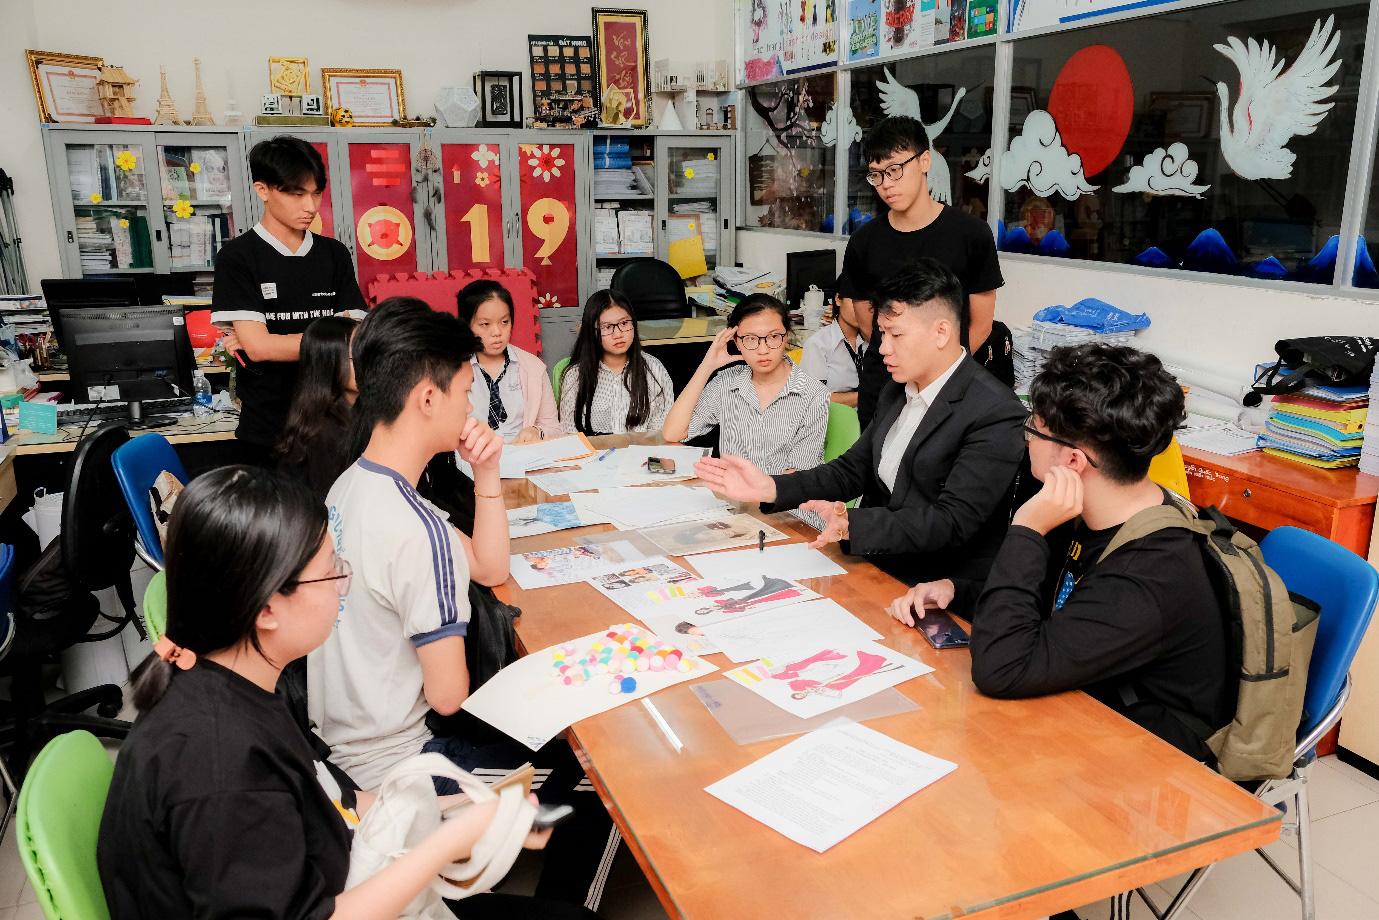 Cuộc thi Thiết kế áo lớp do HUTECH tổ chức sẽ nhận bài đến ngày 15/3 - Ảnh 2.